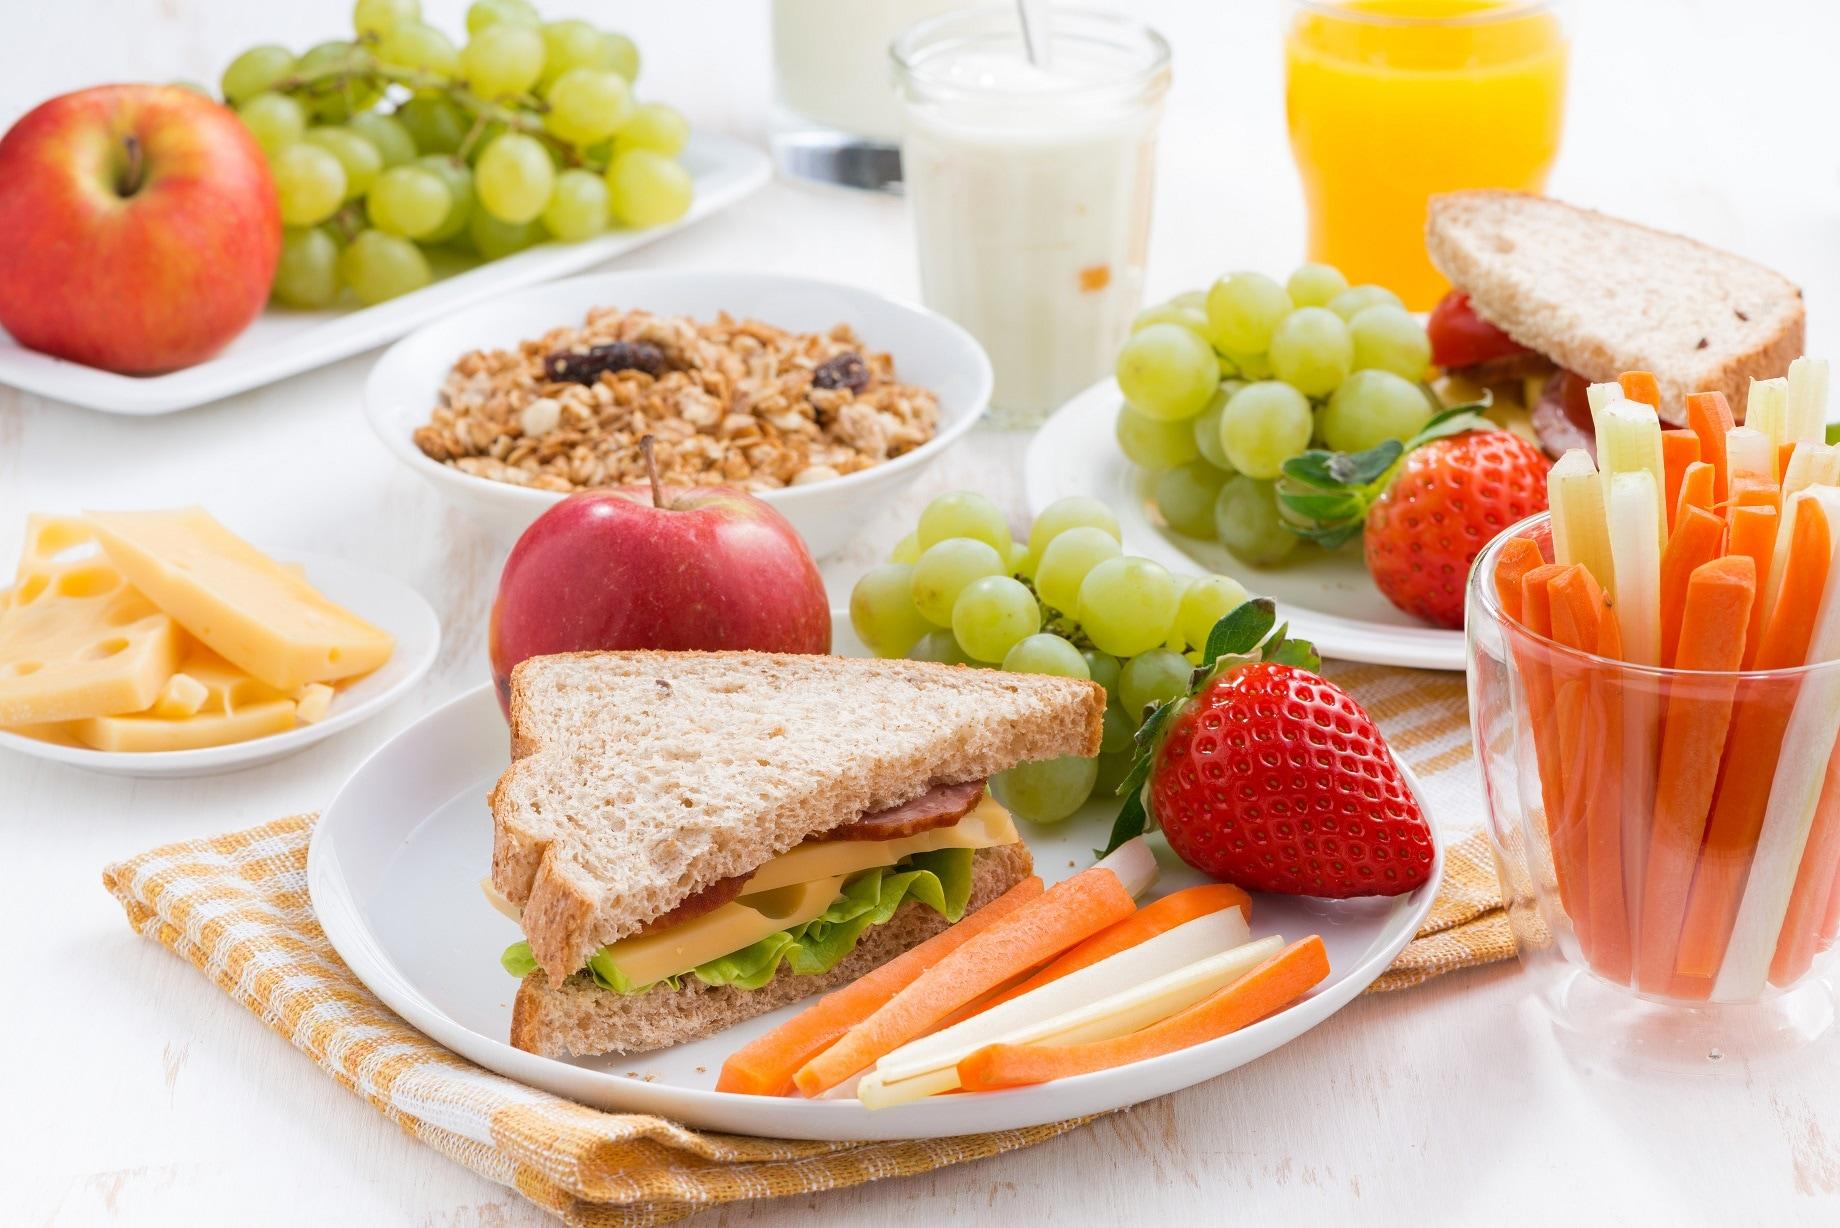 Voedingskundige aandachtspunten bij een vegetarisch voedingspatroon